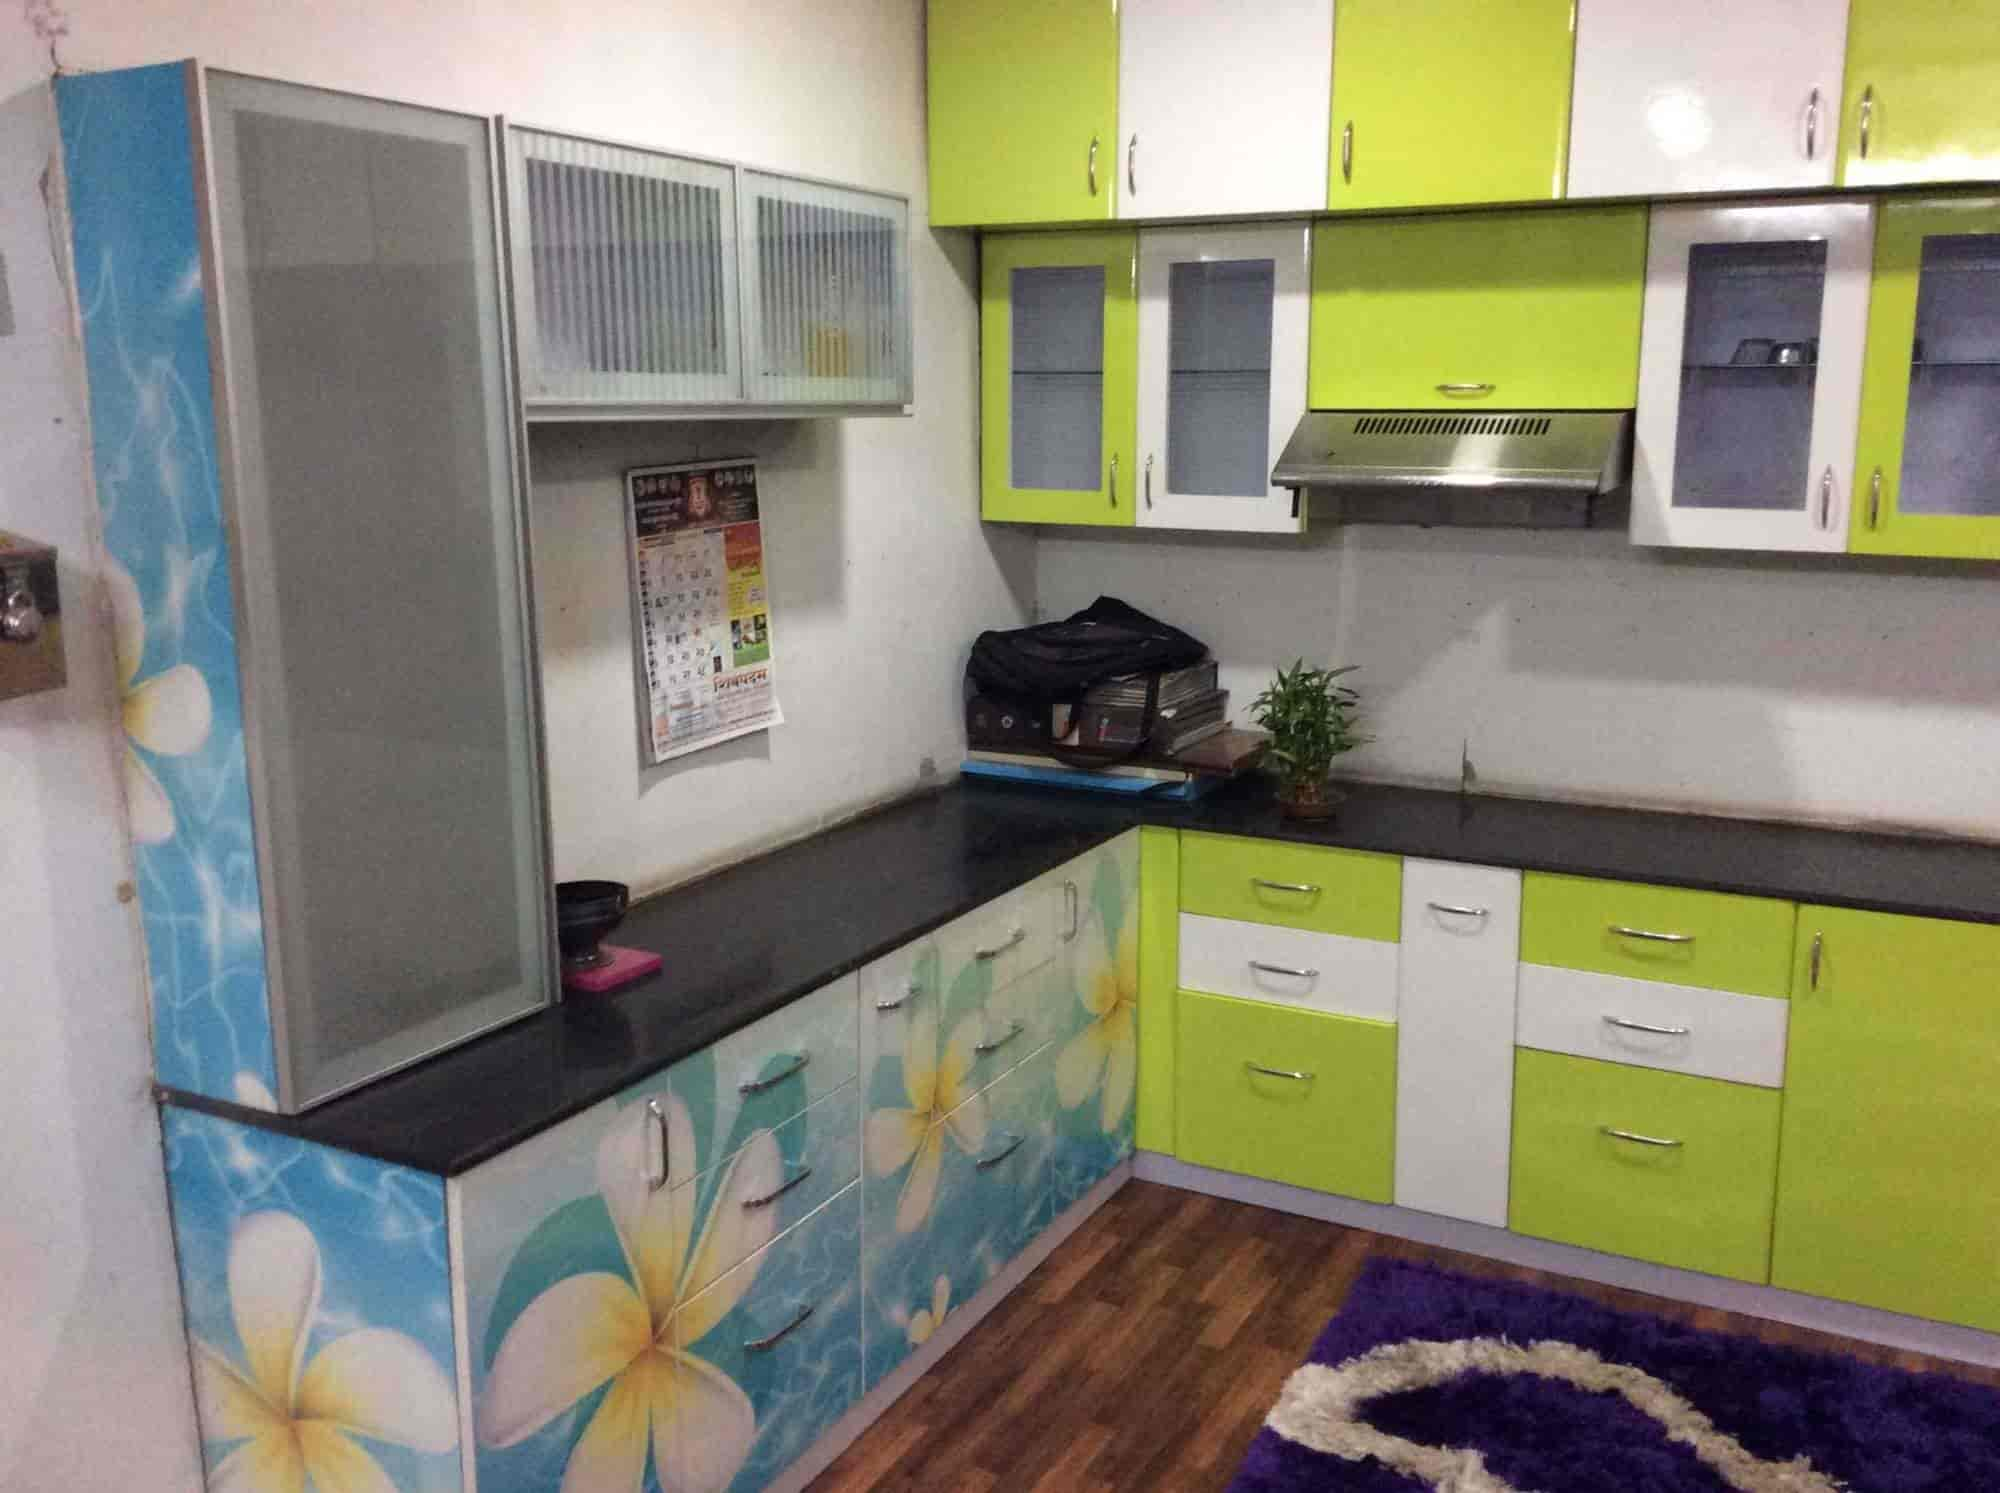 Mahalaxmi Modular Kitchen Trolley, Mundhwa - Mahaluxmi Modular ...